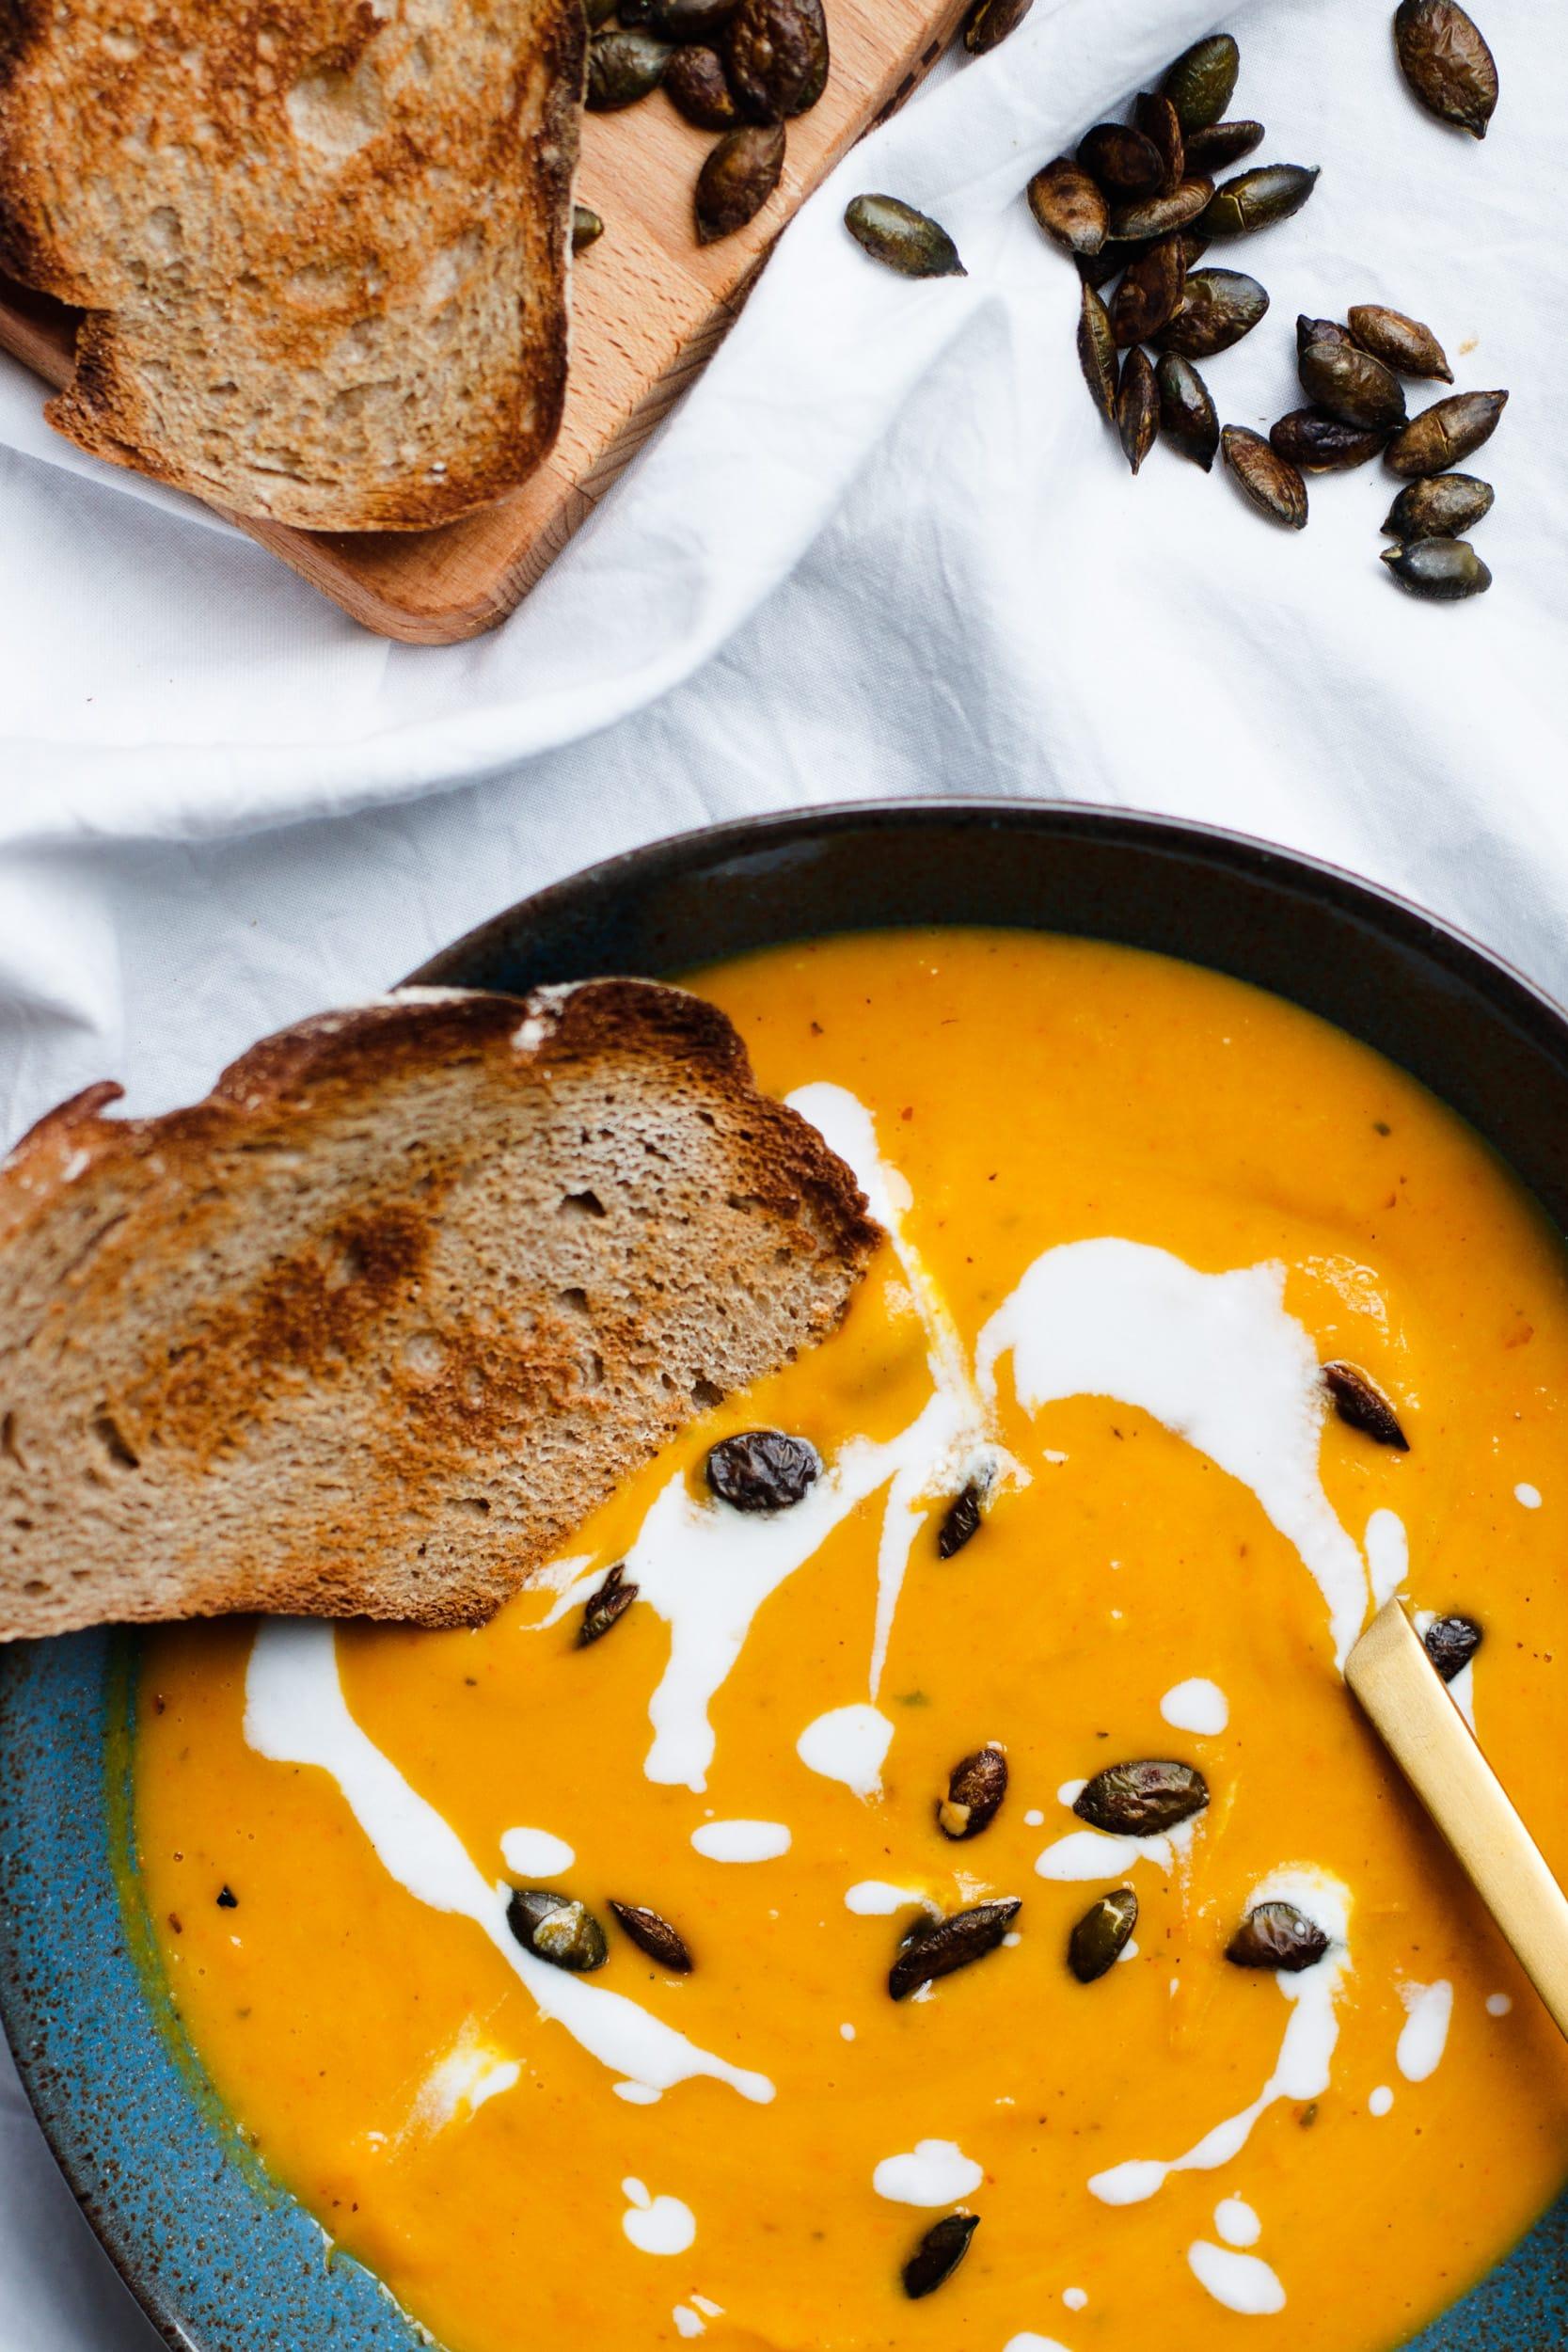 Geröstete Kürbissuppe mit Kokosmilch und Ingwer | Kürbisrezept | Herbstrezept | Cremige Suppe | Vegan | Vegetarisch | Cremesuppe | Asiatische Kürbissuppe | Comfort food | Wohlfühlessen | Abendessen | Mittagessen | Einfach | Lecker | Suppe mit Hokkaidokürbis | Rezept auf ivy.li | #rezept #kürbis #vegan #herbst